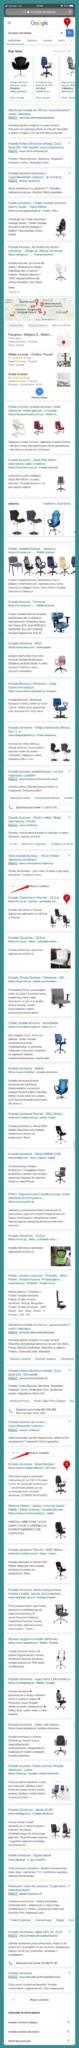 wynik wyników wyszukiwania na urządzeniach mobilnych dla zapytania krzesła obrotowe w Google